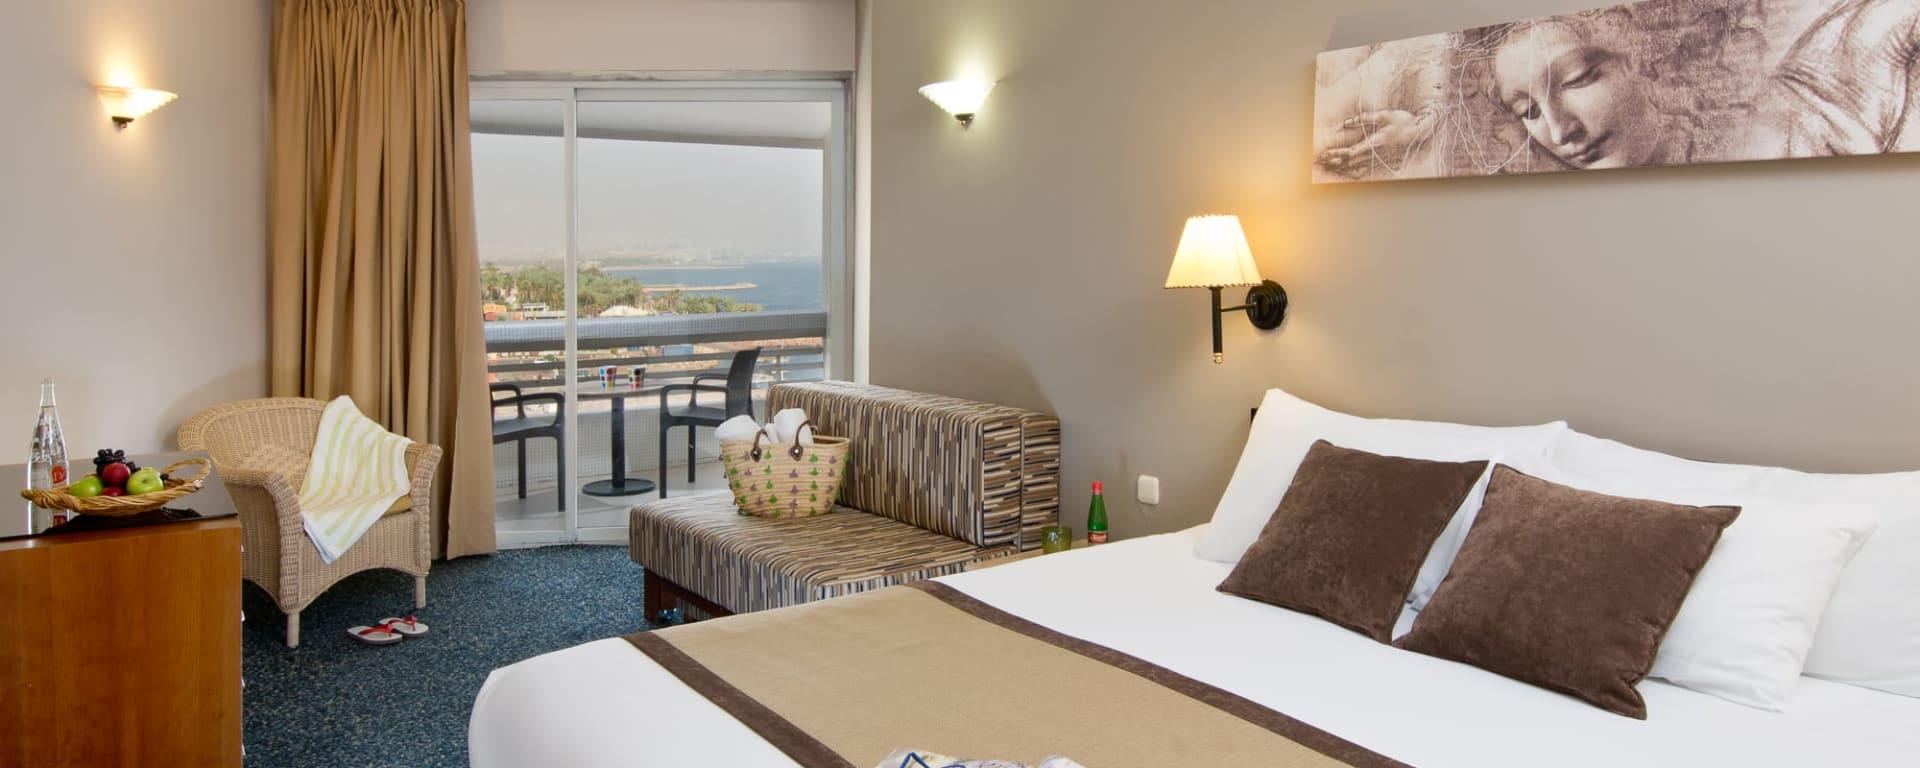 Leonardo Plaza Eilat in Rotes Meer: Eilat Leonardo Plaza Superior Seeblick Zimmer